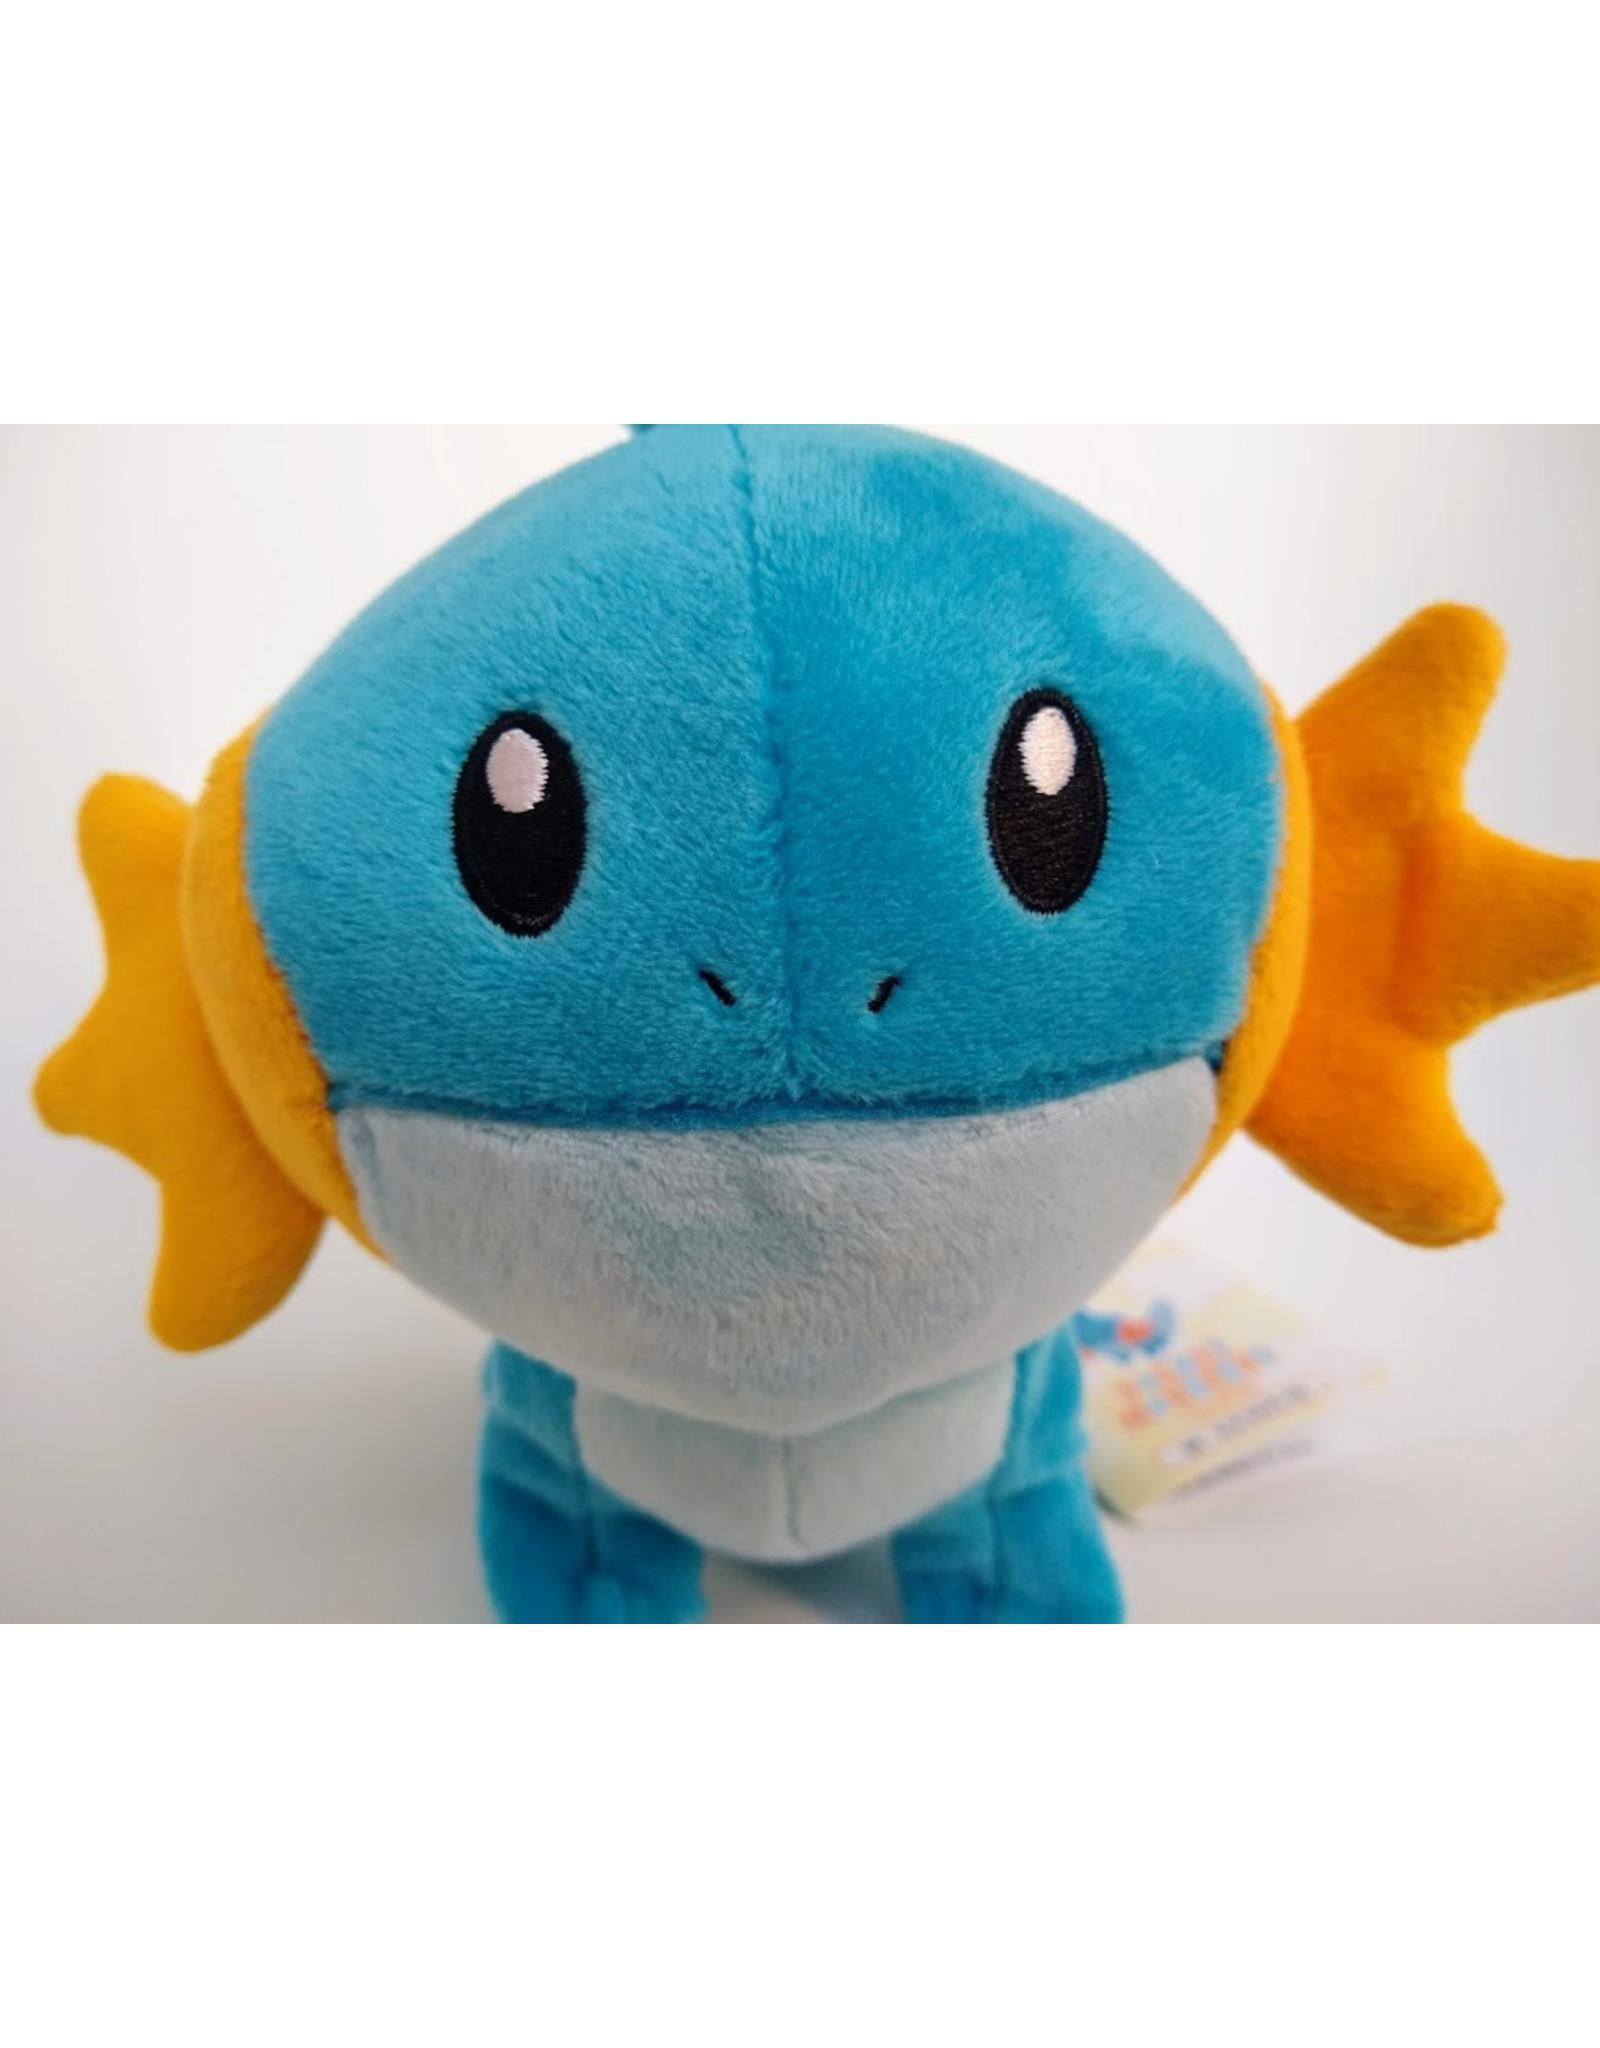 Mudkip - Pokemon Plushie - 17cm (Japanese import)